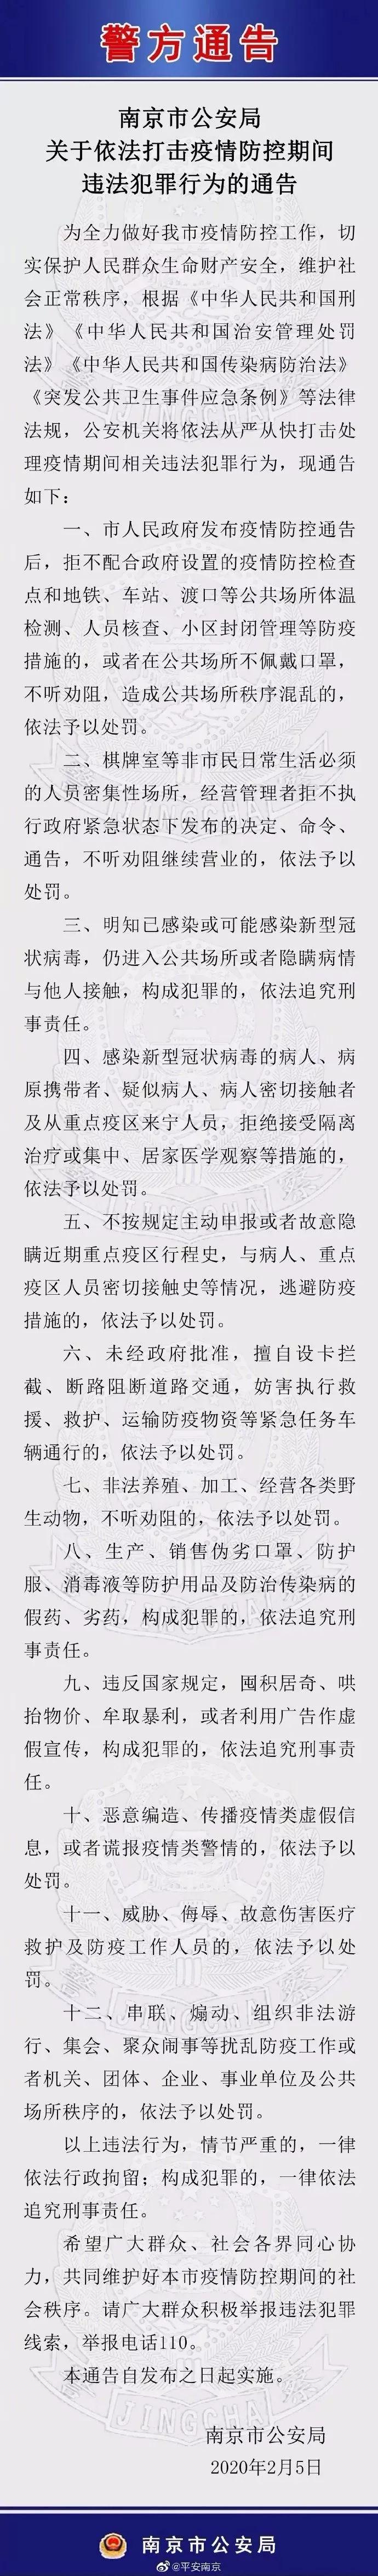 万博manbetx官网app_万博manbetx手机登录_ManBetX体育官网